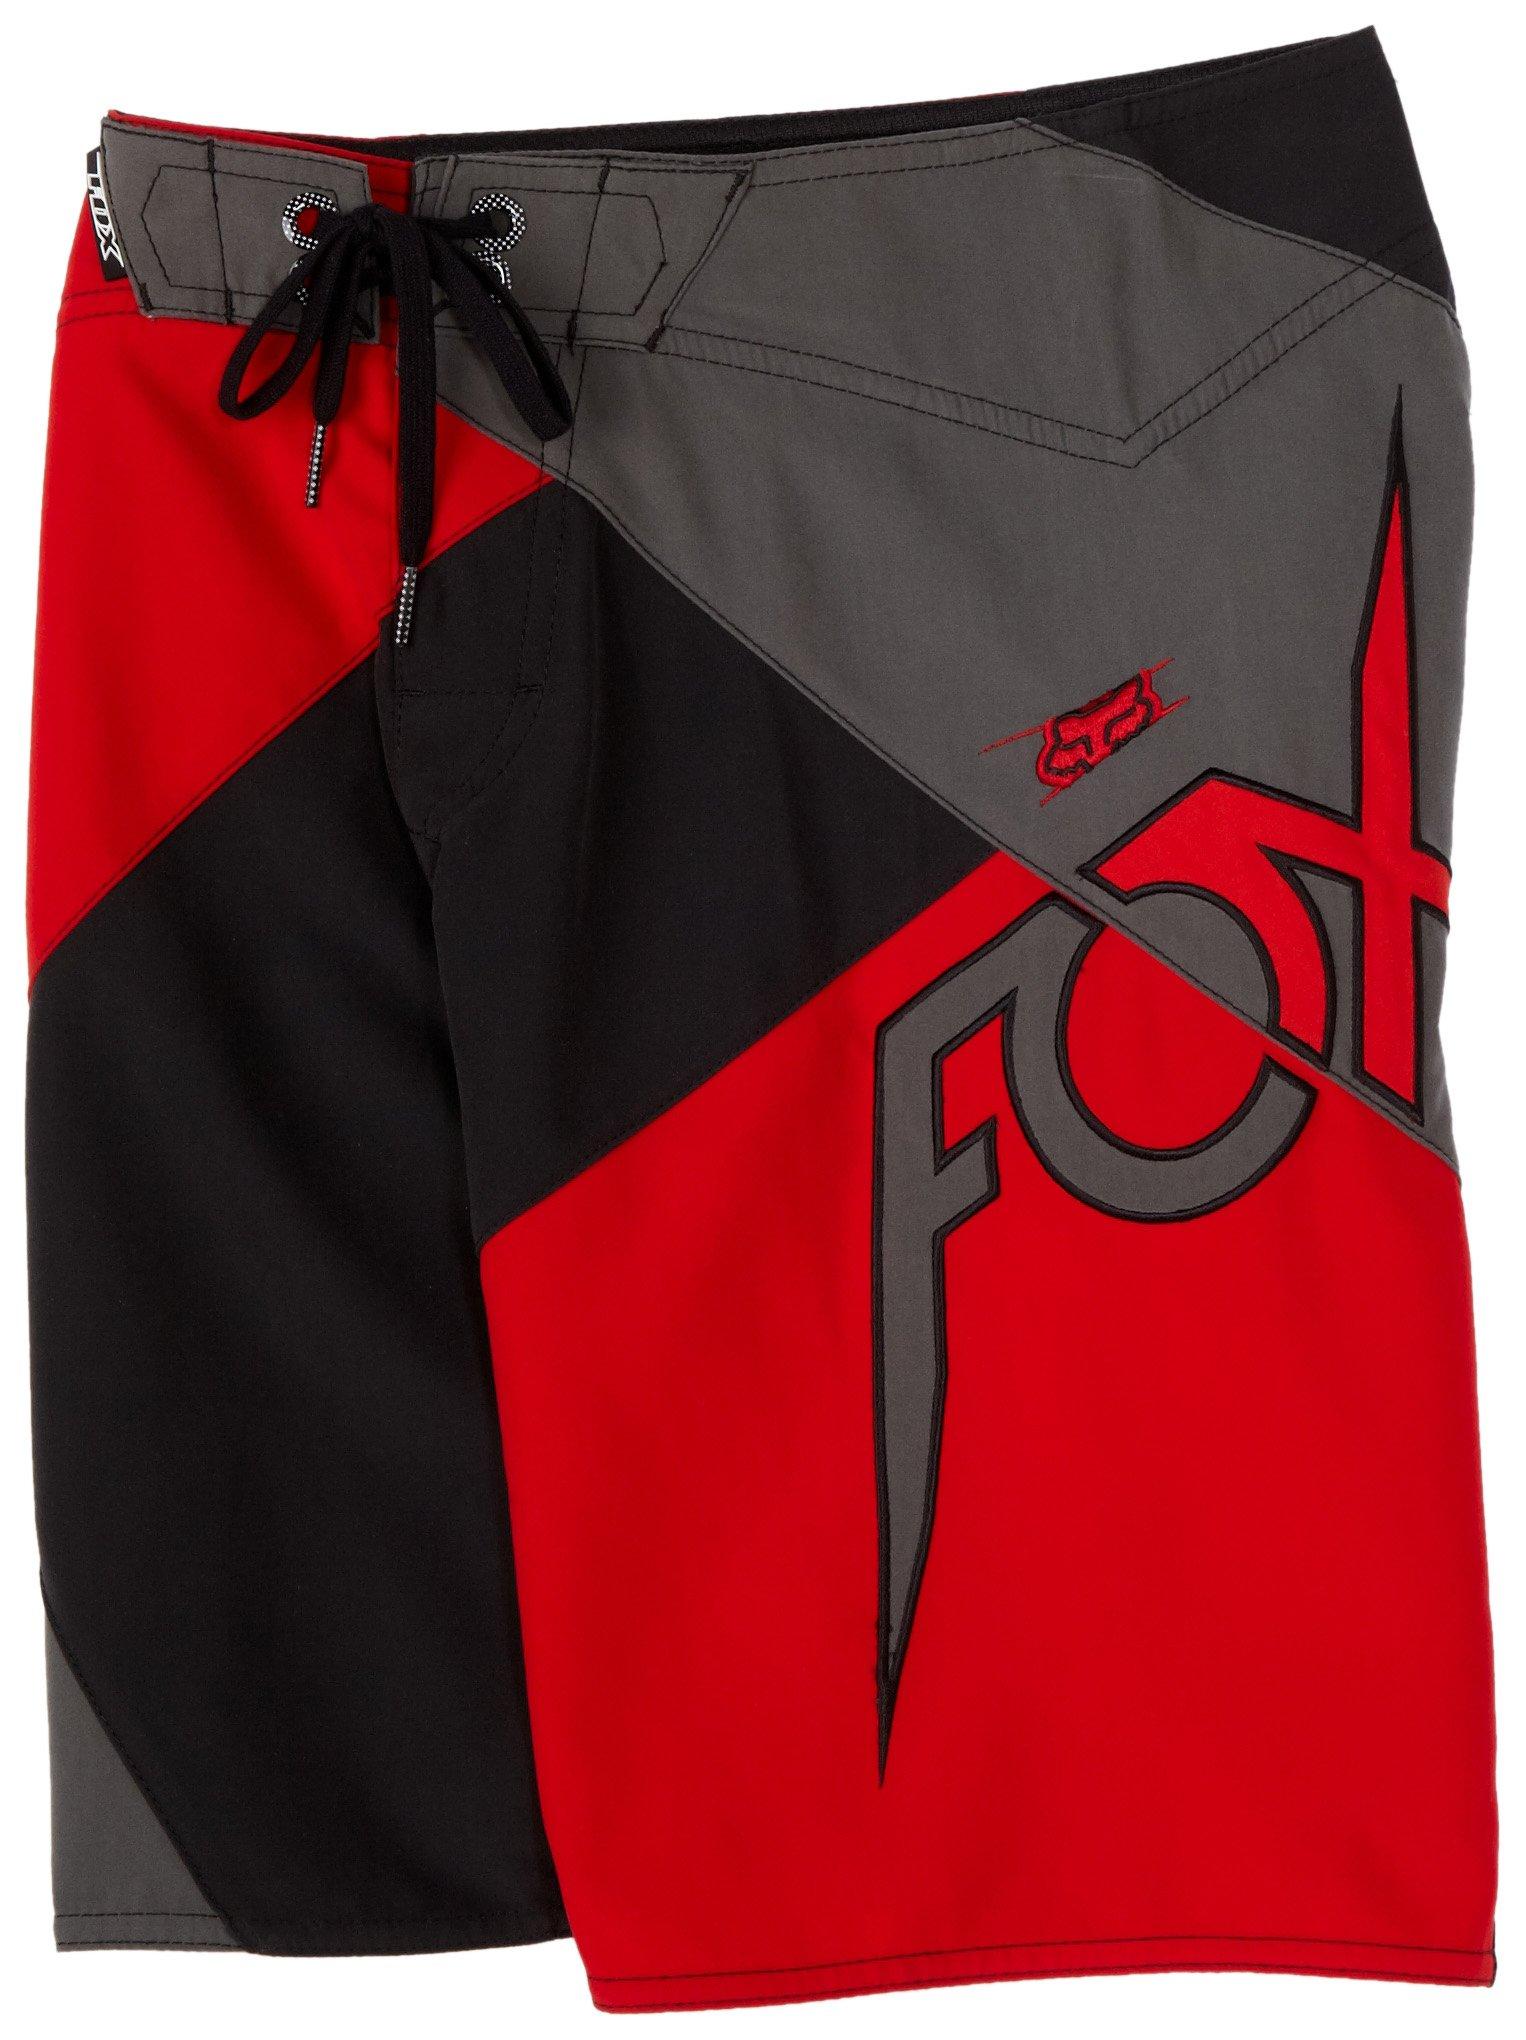 FOX Big Boys' Quadrant Boardshort,Flame Red,W24 by Fox